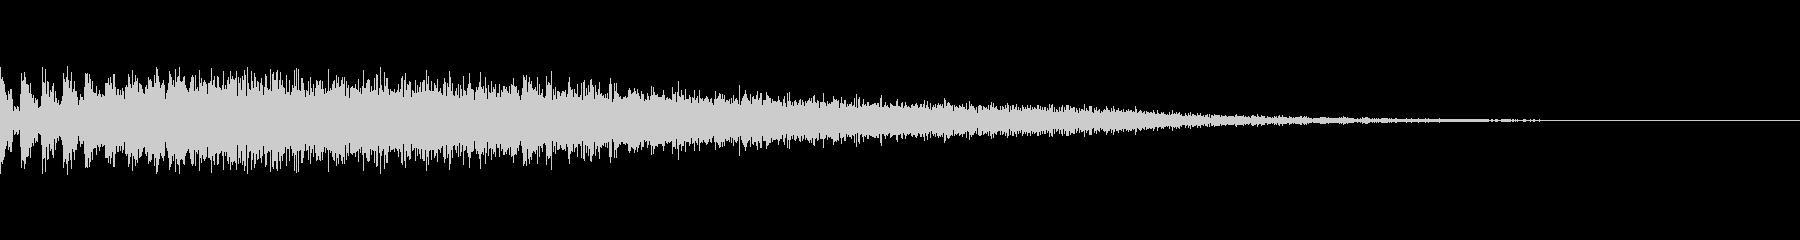 【効果音】ホラー・サスペンス_05の未再生の波形